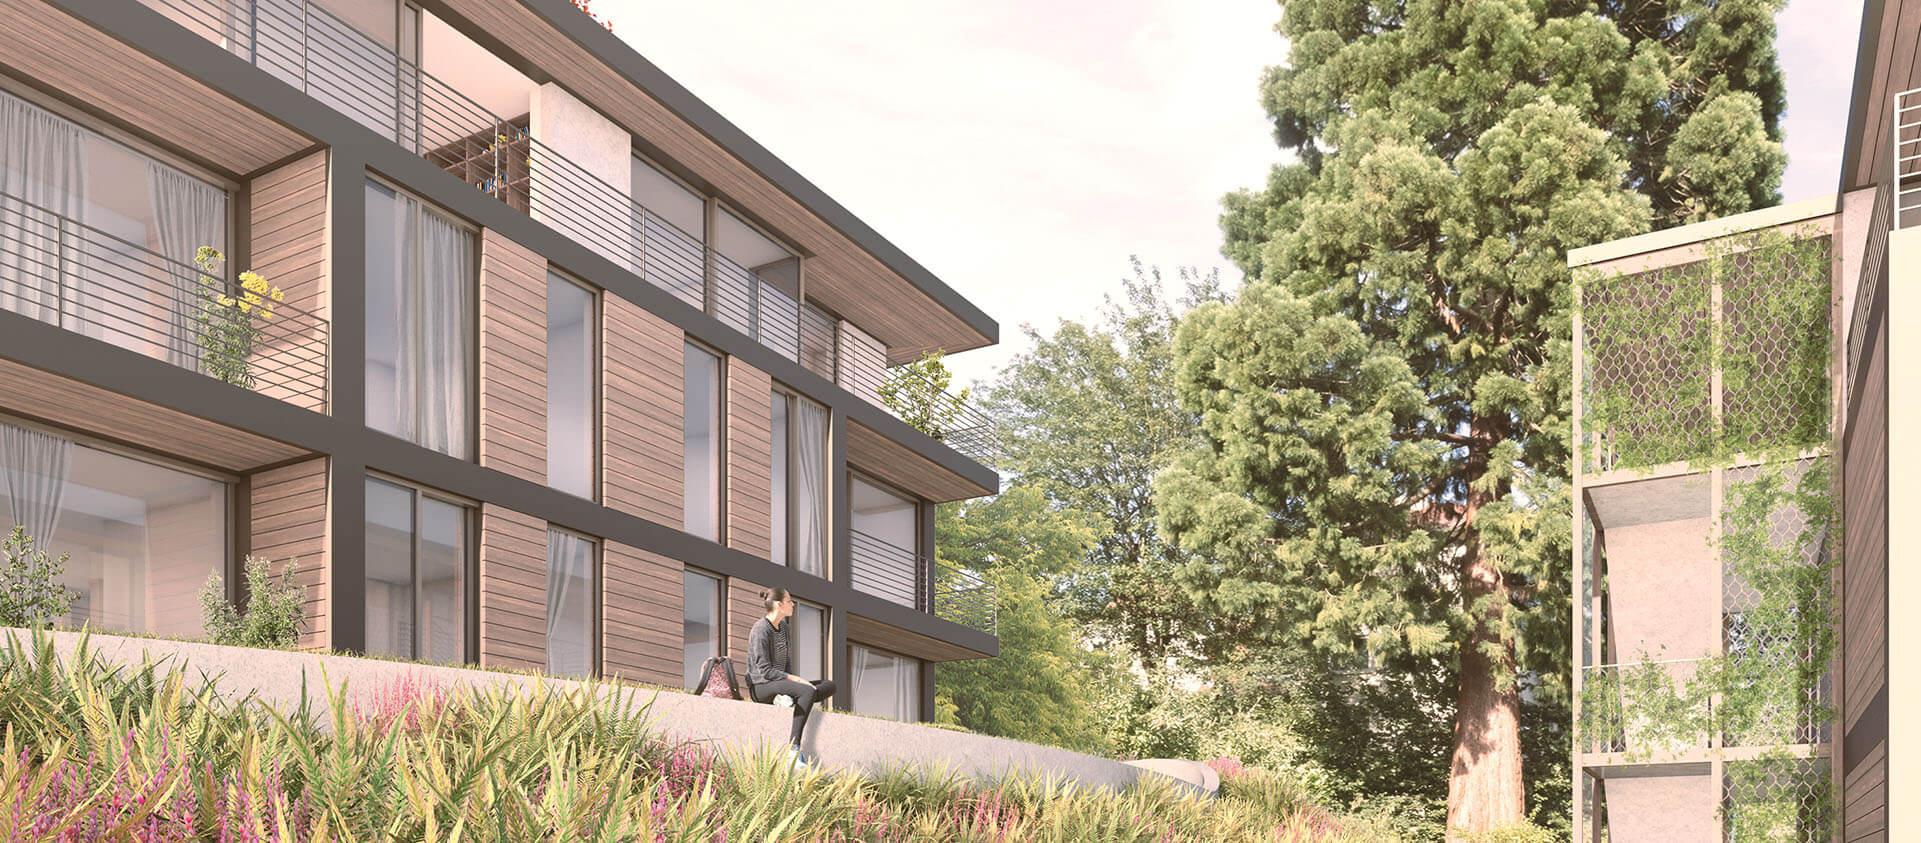 Wohngebäude in Königstein i. Ts. geplant von der Eberhard Horn Designgruppe